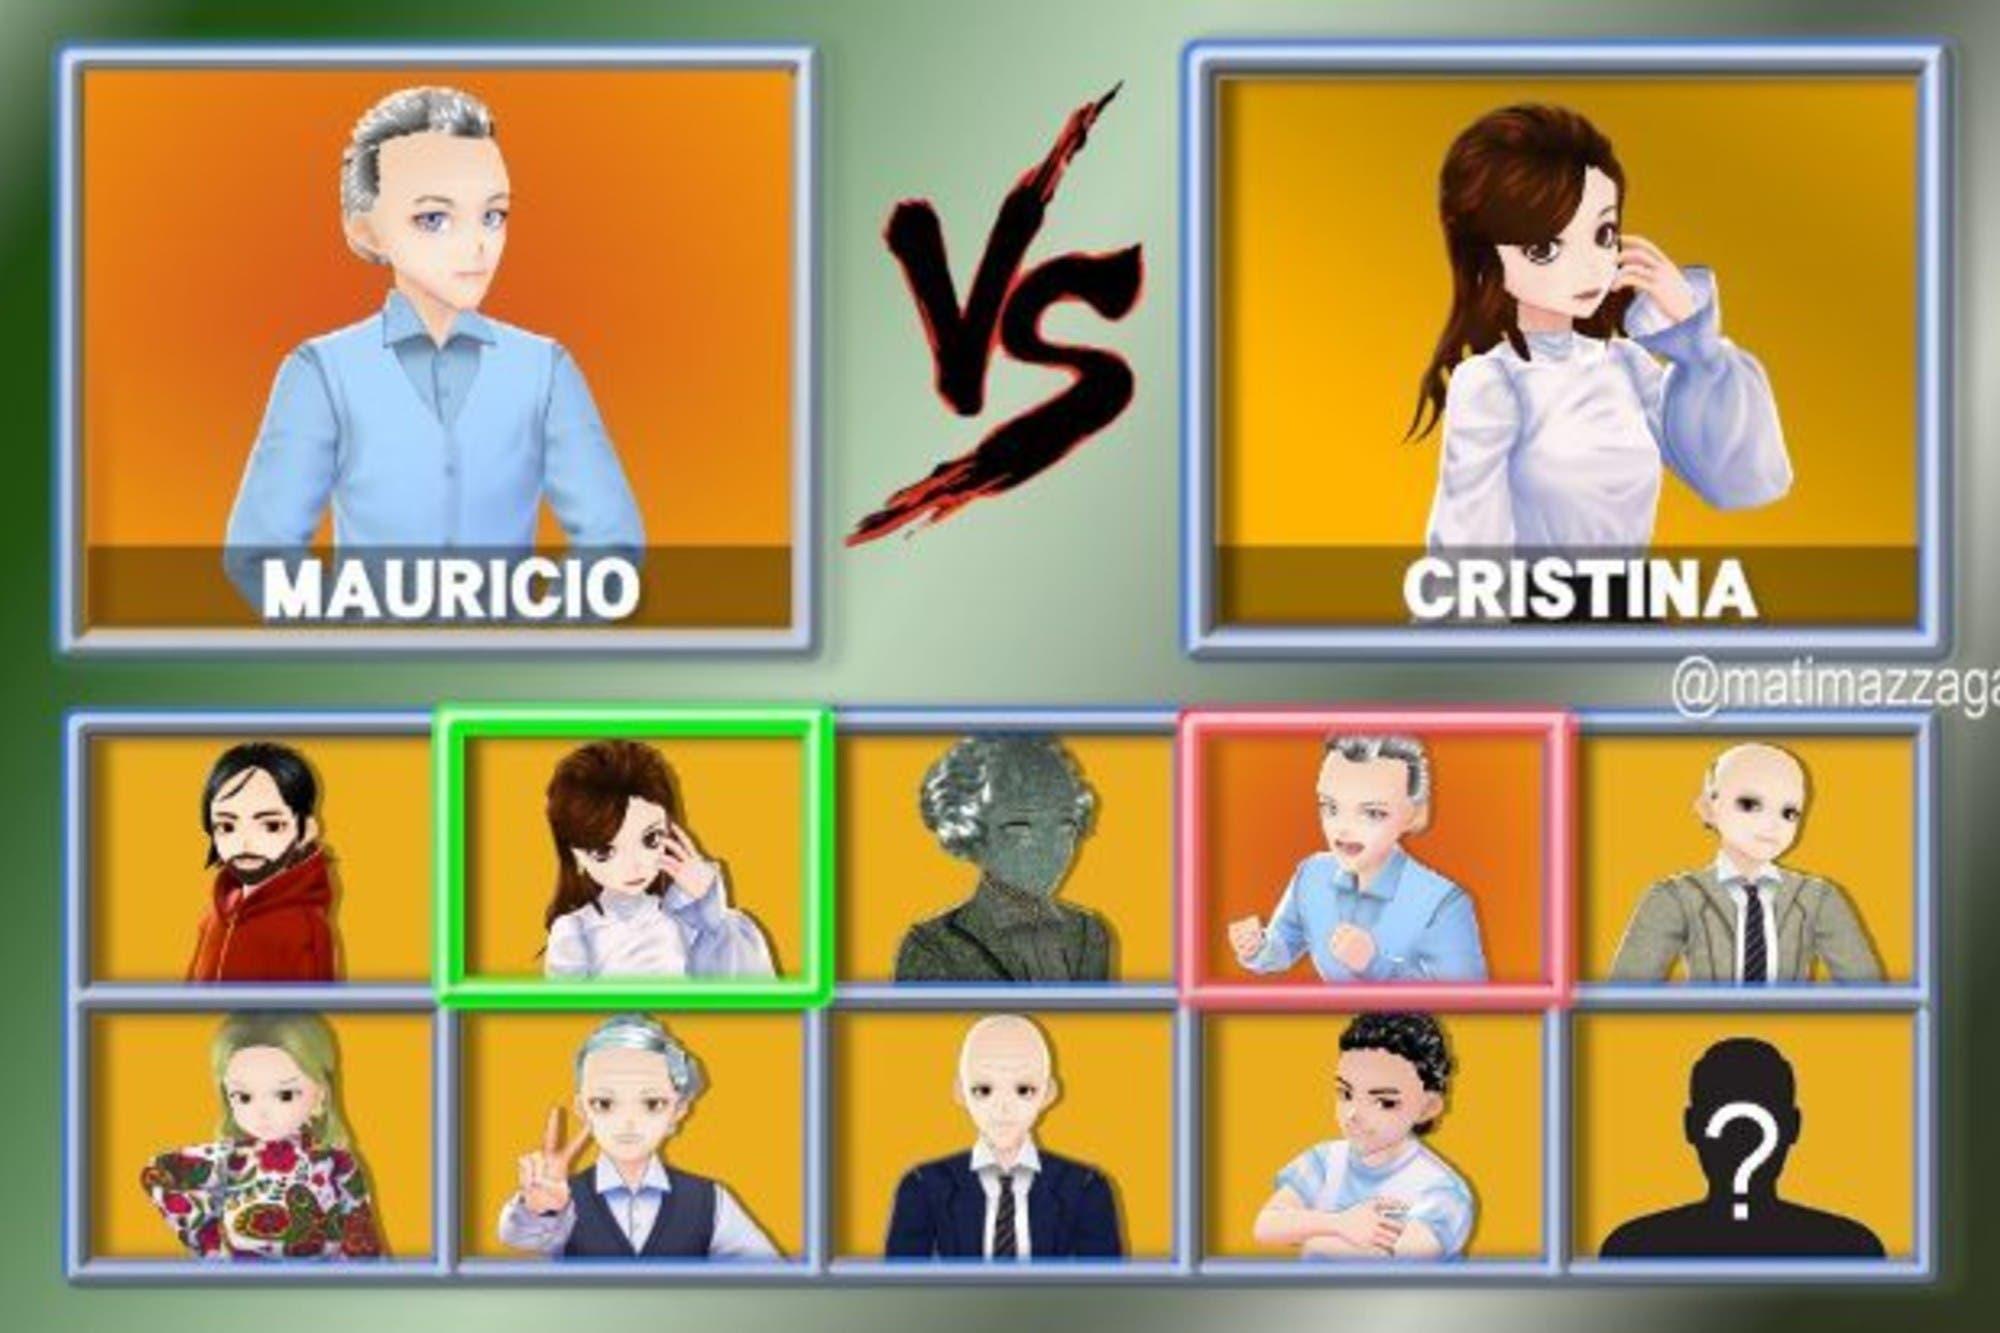 Elecciones 2019: cómo es el videojuego en el que los candidatos pelean entre sí como en el Mortal Kombat